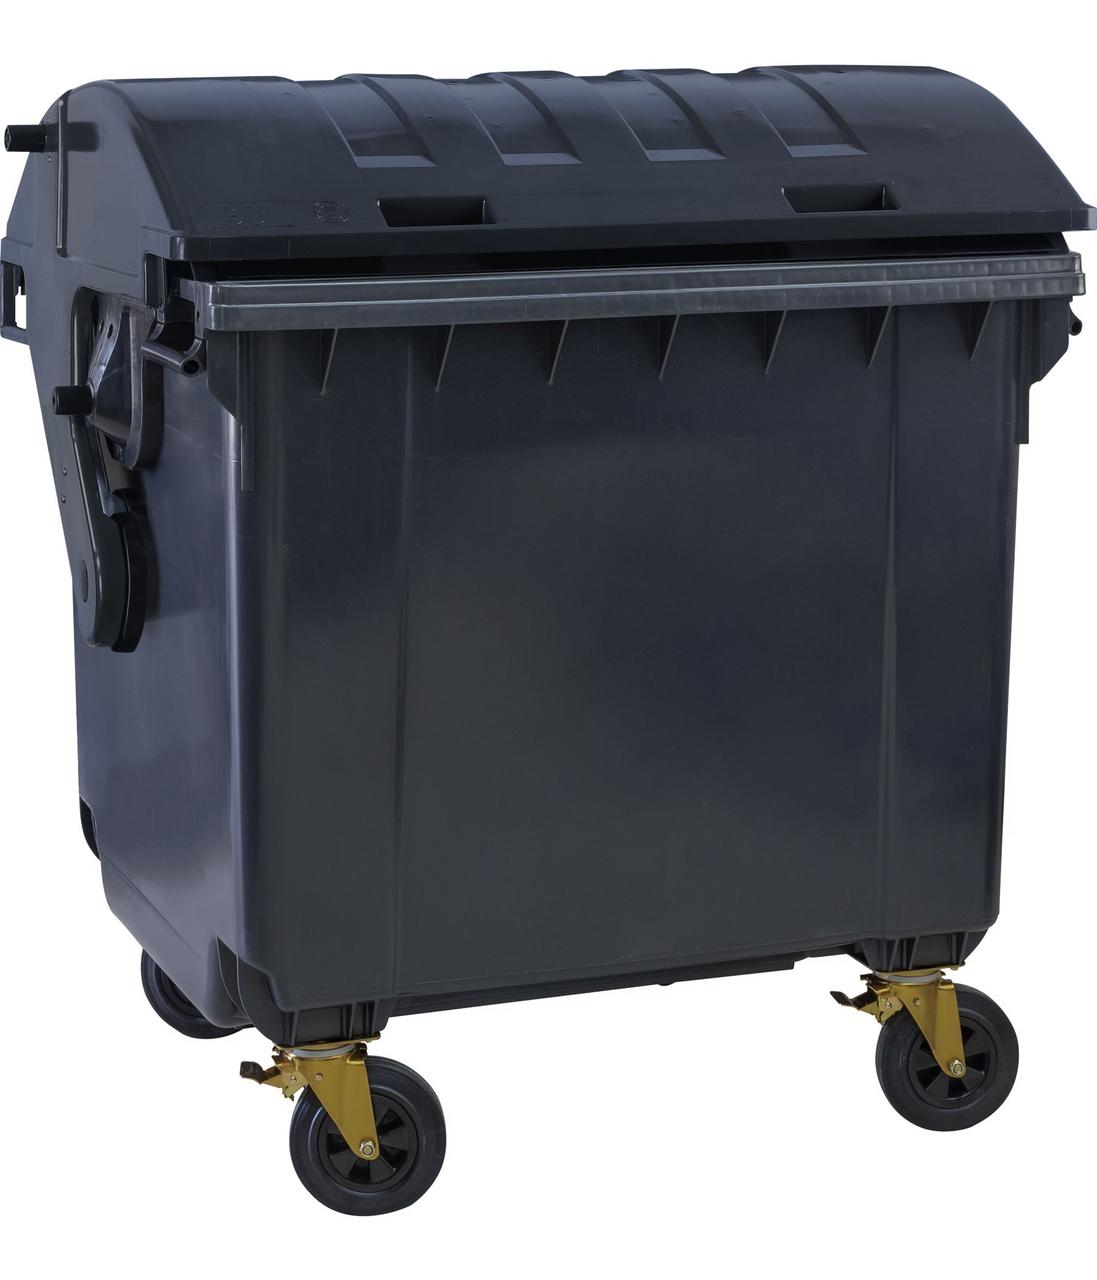 ESE пластиковый контейнер для ТБО со сферическою крышкою 1,1 м3.